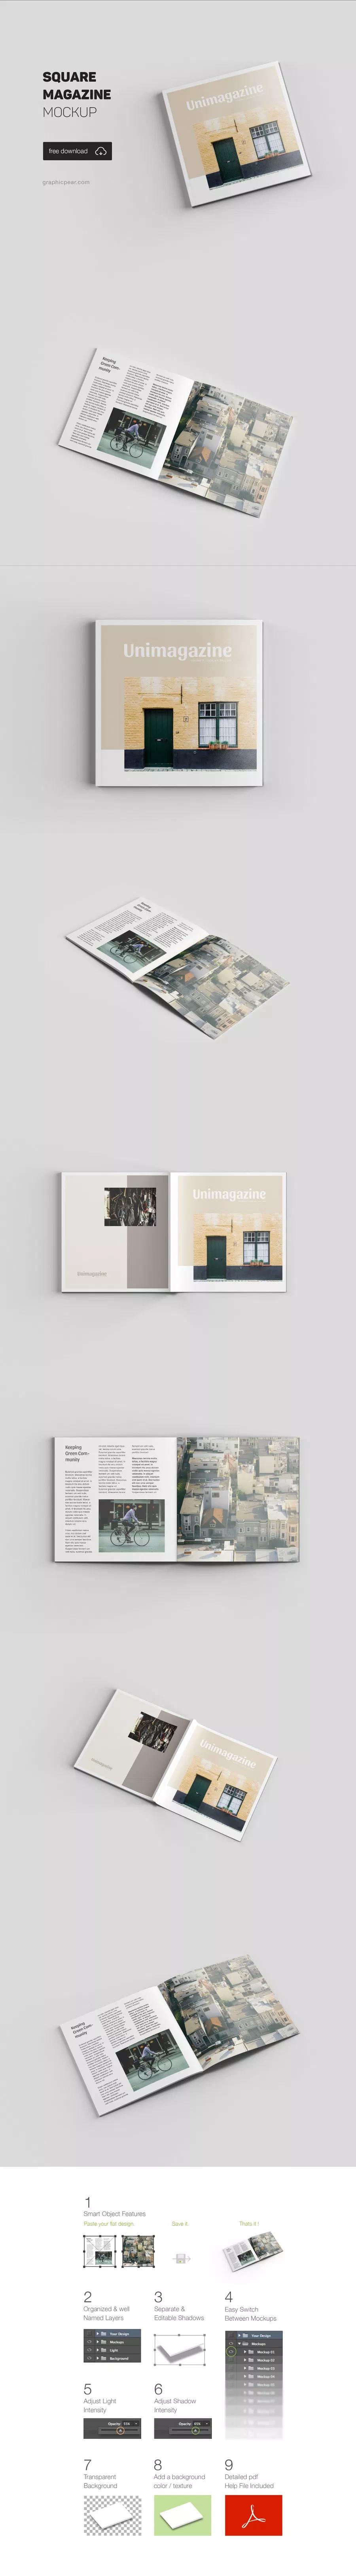 Square Magazine Free Mockup Free Design Resources Diseno De Revistas Editorial Revista Disenos De Unas